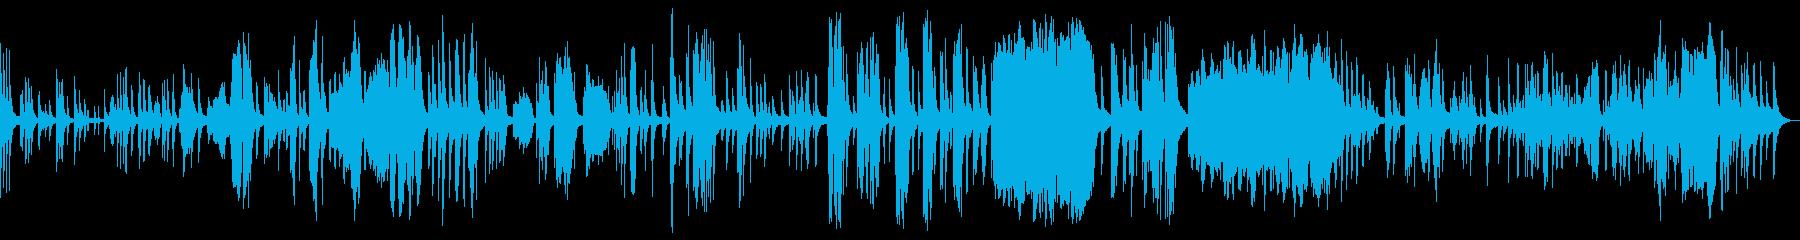 KANTピアノバラード即興曲209の再生済みの波形